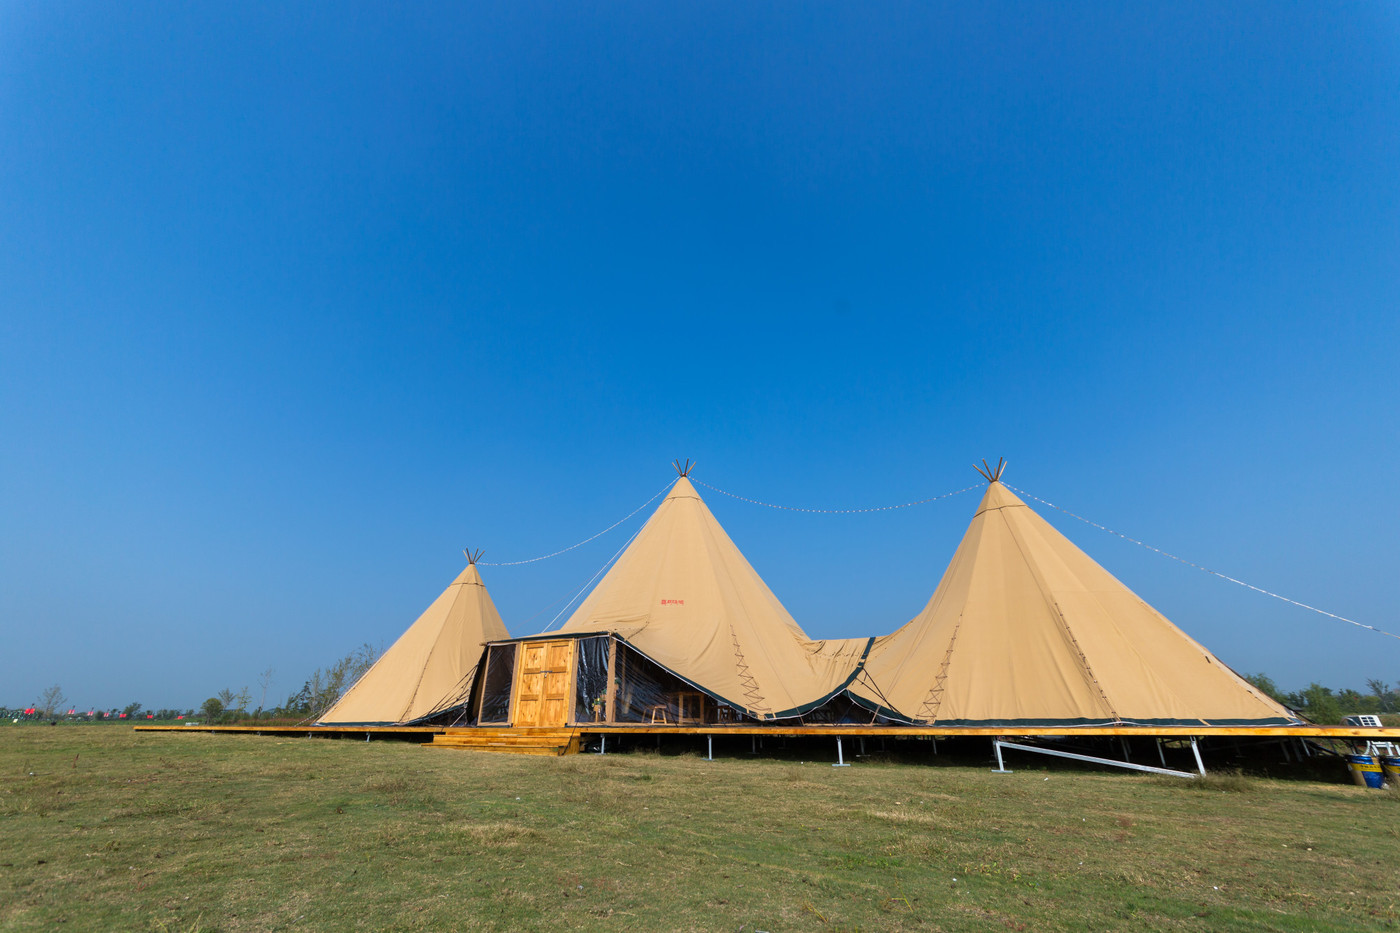 喜马拉雅印第安多功能大厅—淮安白马湖生态旅游度假区3